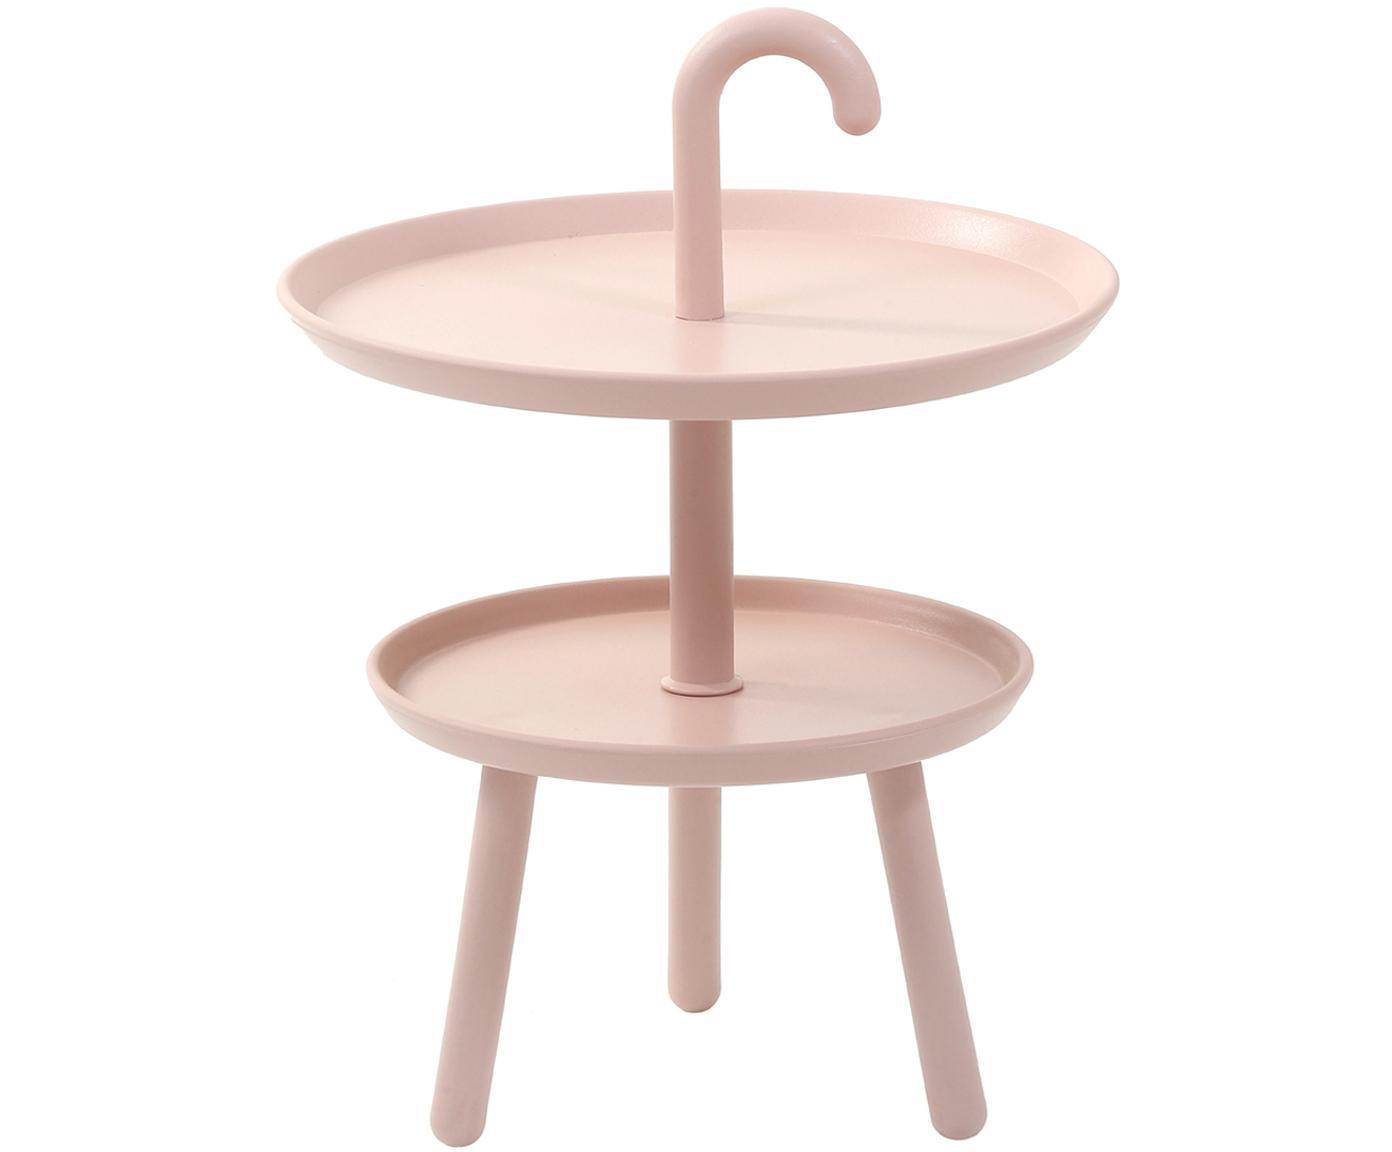 Mały stolik pomocniczy z tworzywa sztucznego Rodi, Polipropylen, Blady różowy, Ø 42 x W 56 cm